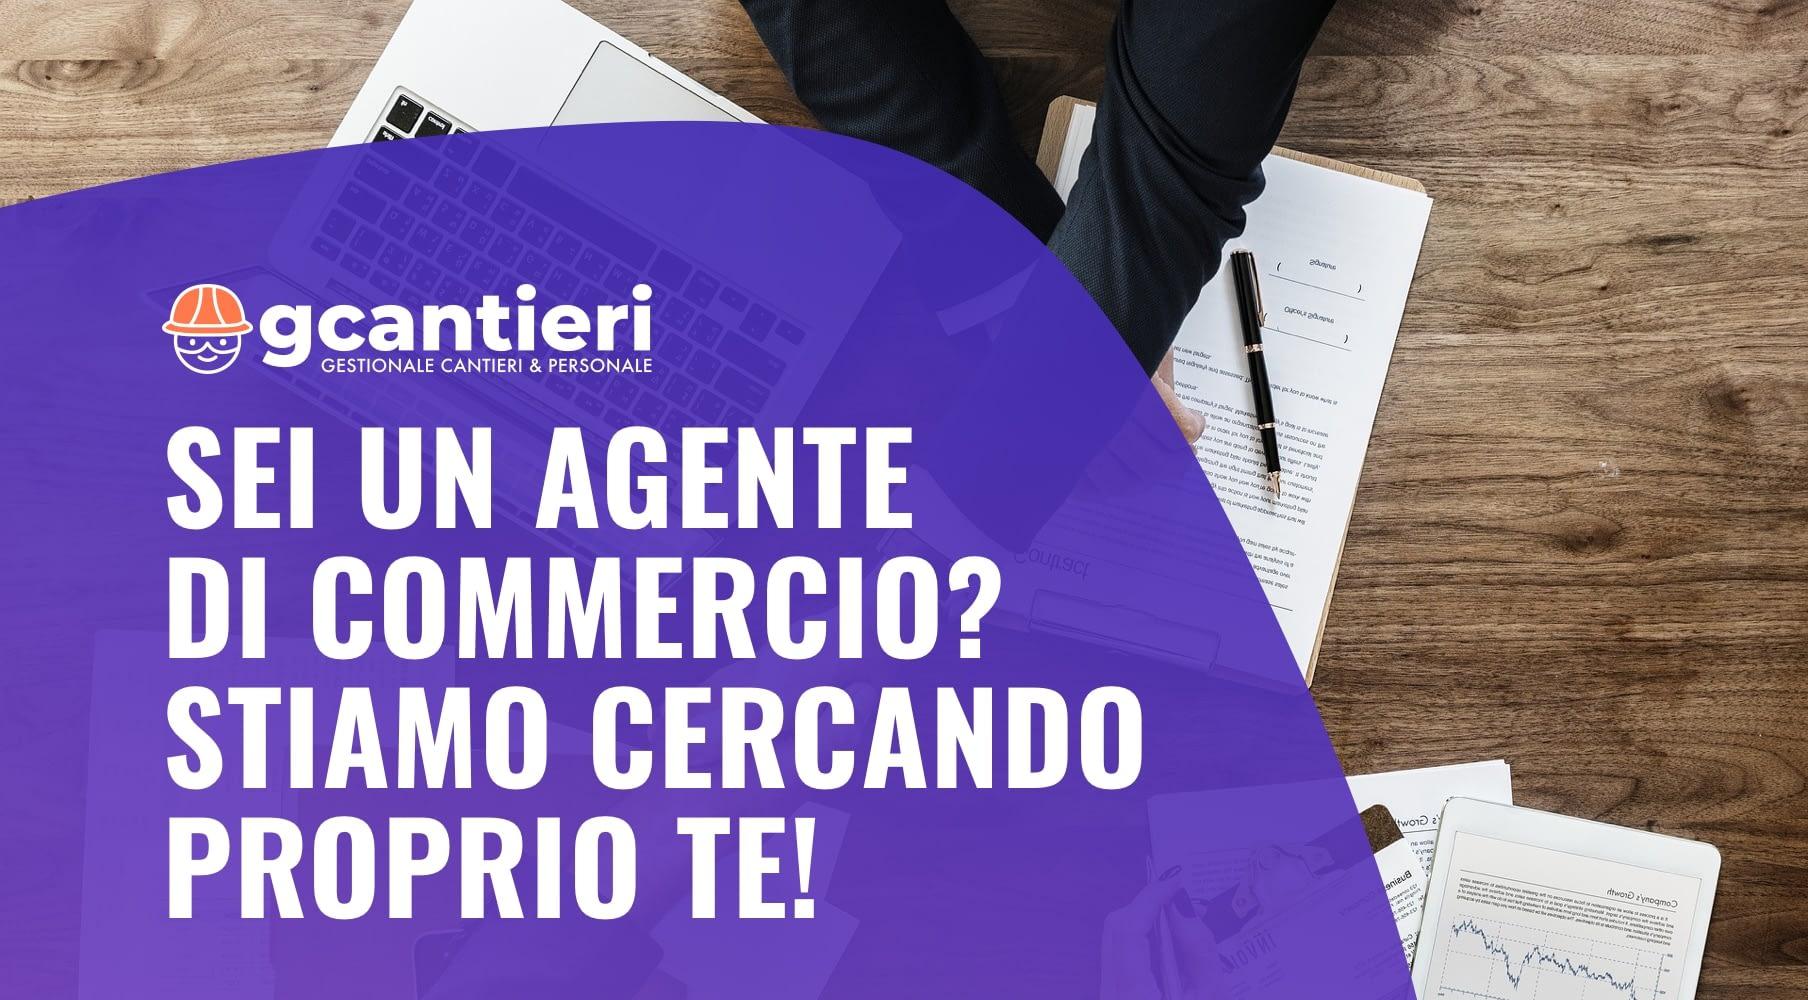 Agenti di Commercio - Gcantieri.it